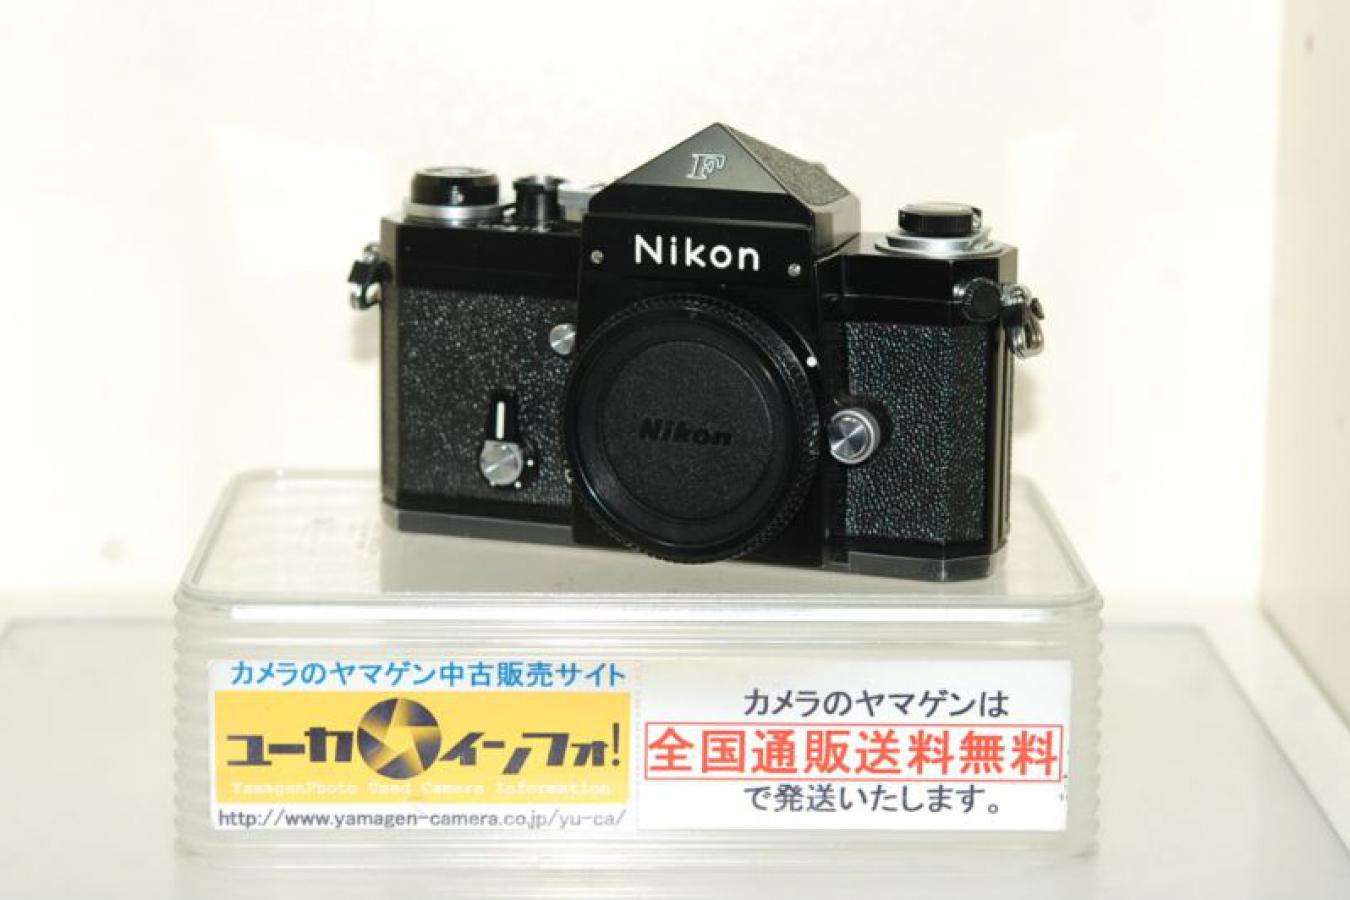 【コレクション向け】 ニコン NEW F アイレベルブラック 736万台